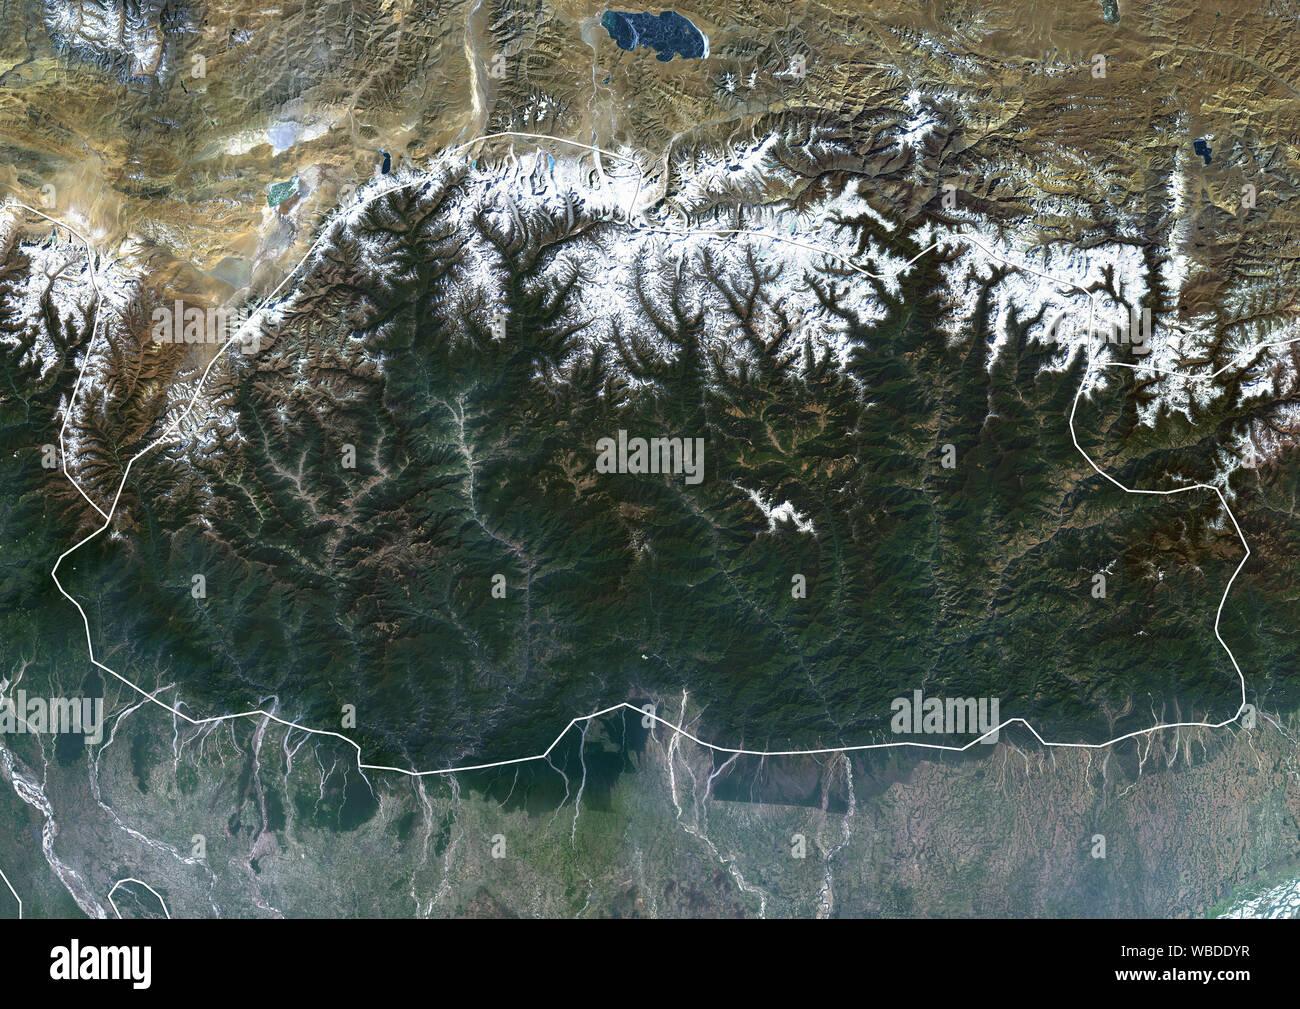 Farbe Satellitenbild von Bhutan (mit administrativen Grenzen) im Östlichen Himalaya. Dieses Bild wurde aus Daten von Sentinel-2 & Landsat 8 Satelliten erfassten zusammengestellt. Stockfoto